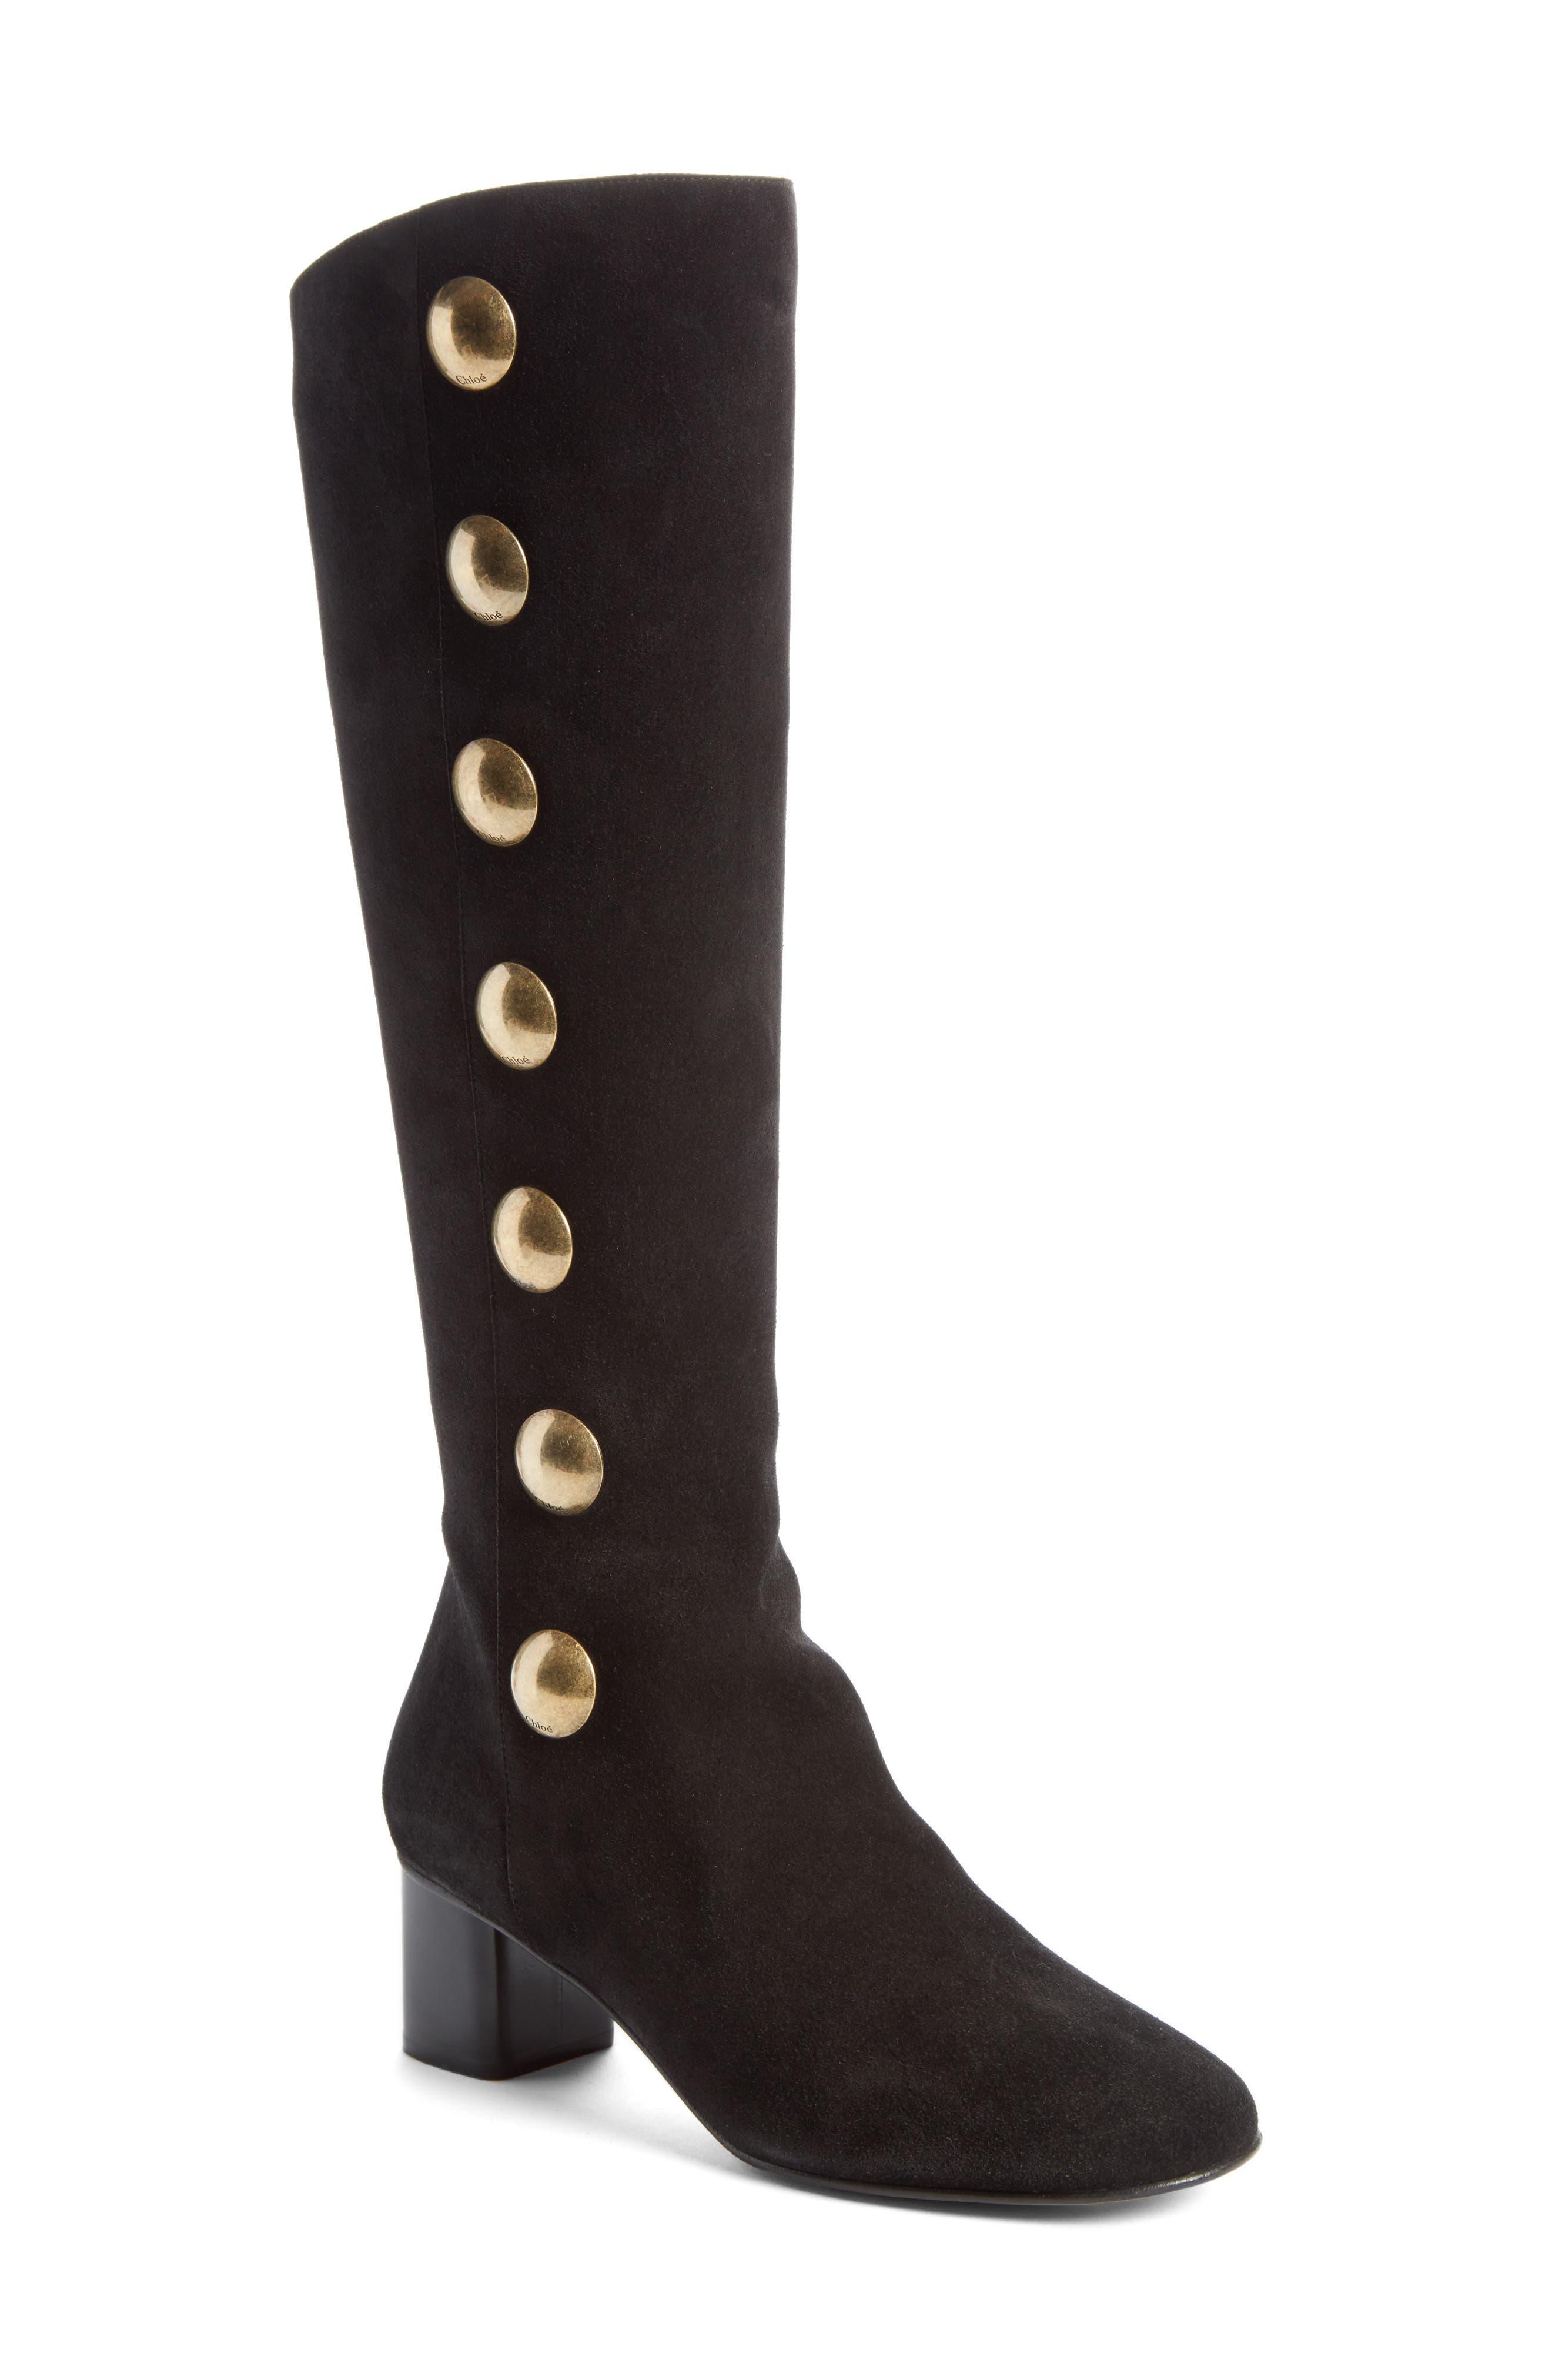 Main Image - Chloé Orlando Tall Button Boot (Women)